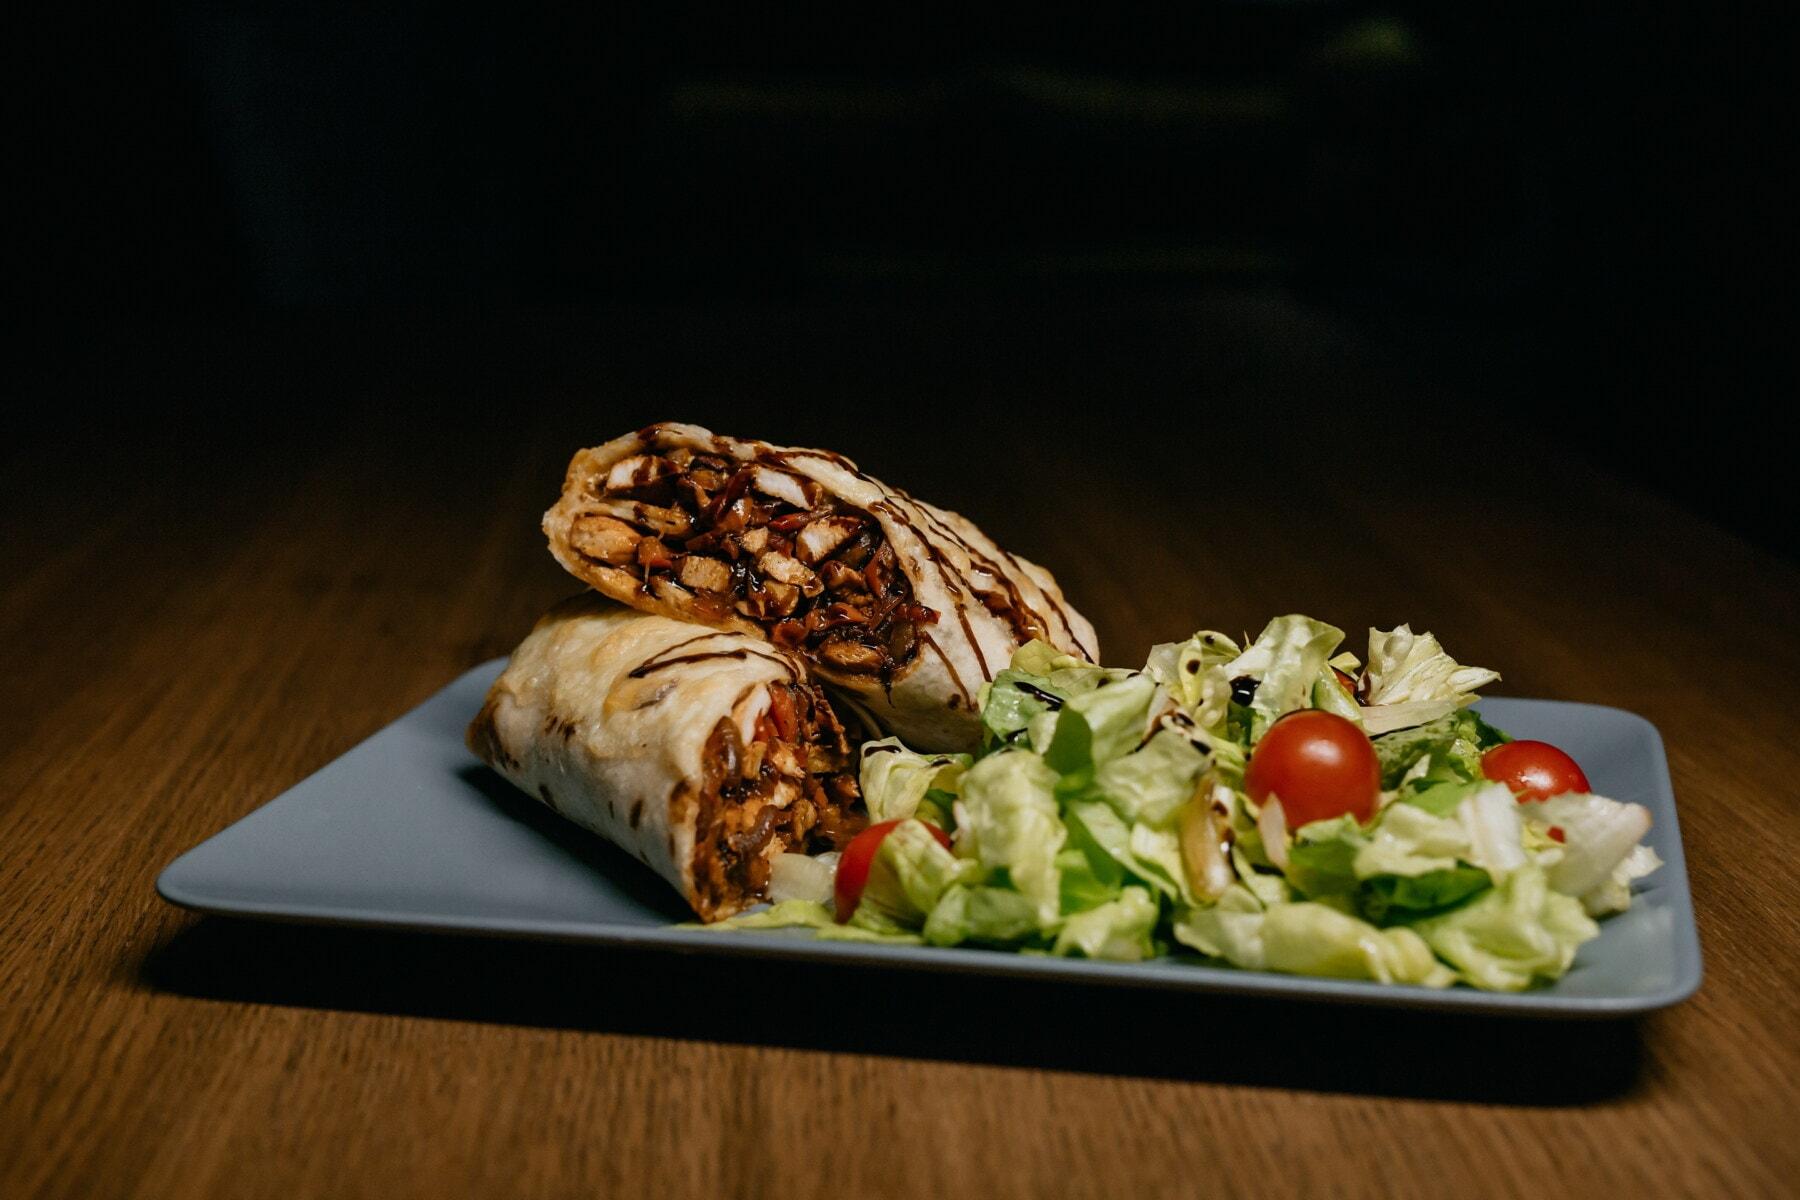 fast food, roast, burrito, lettuce, salad, food, plate, dinner, meal, lunch